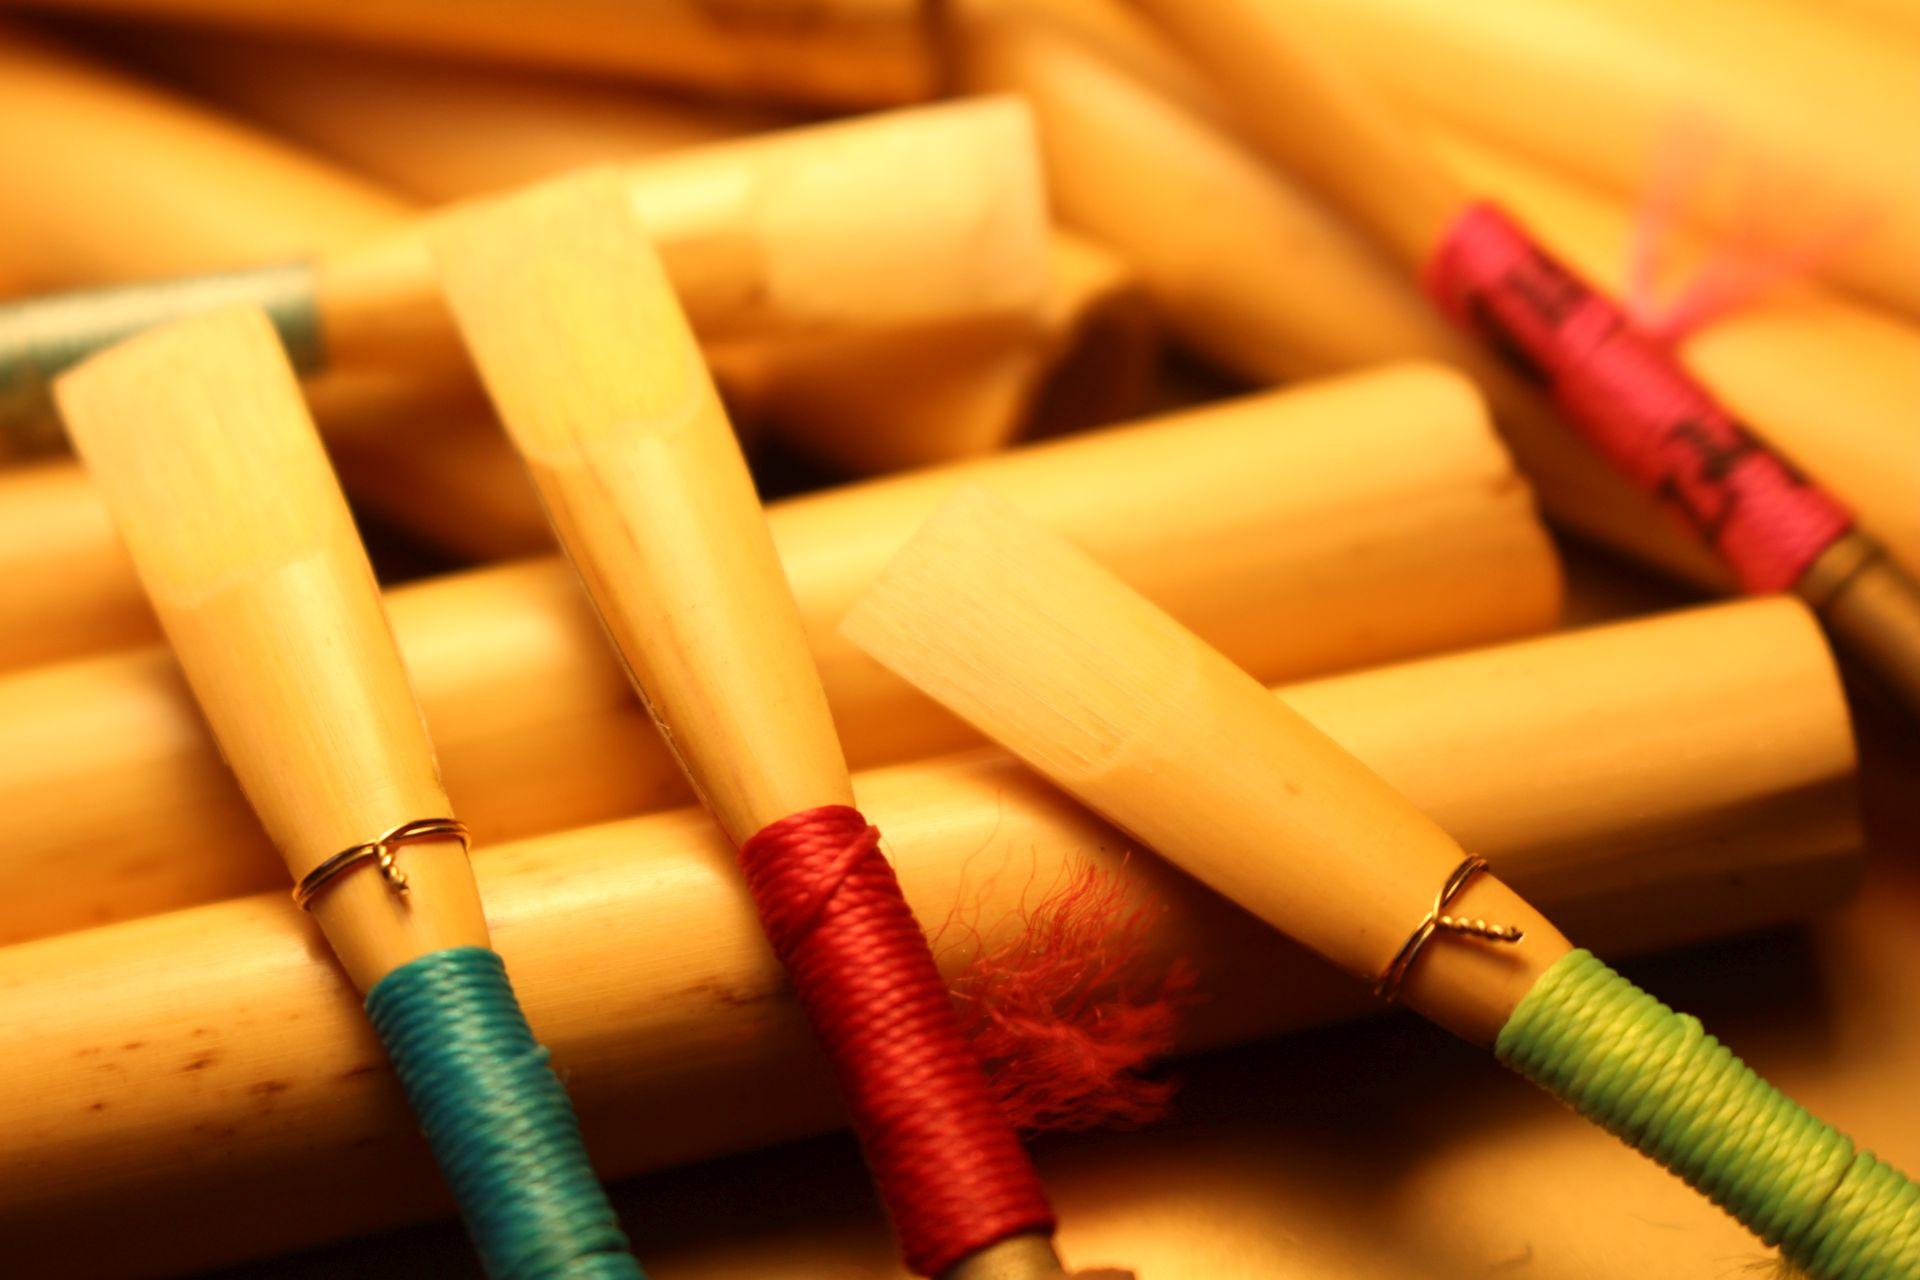 oboe-reed-stuff-palhetas-canas-2